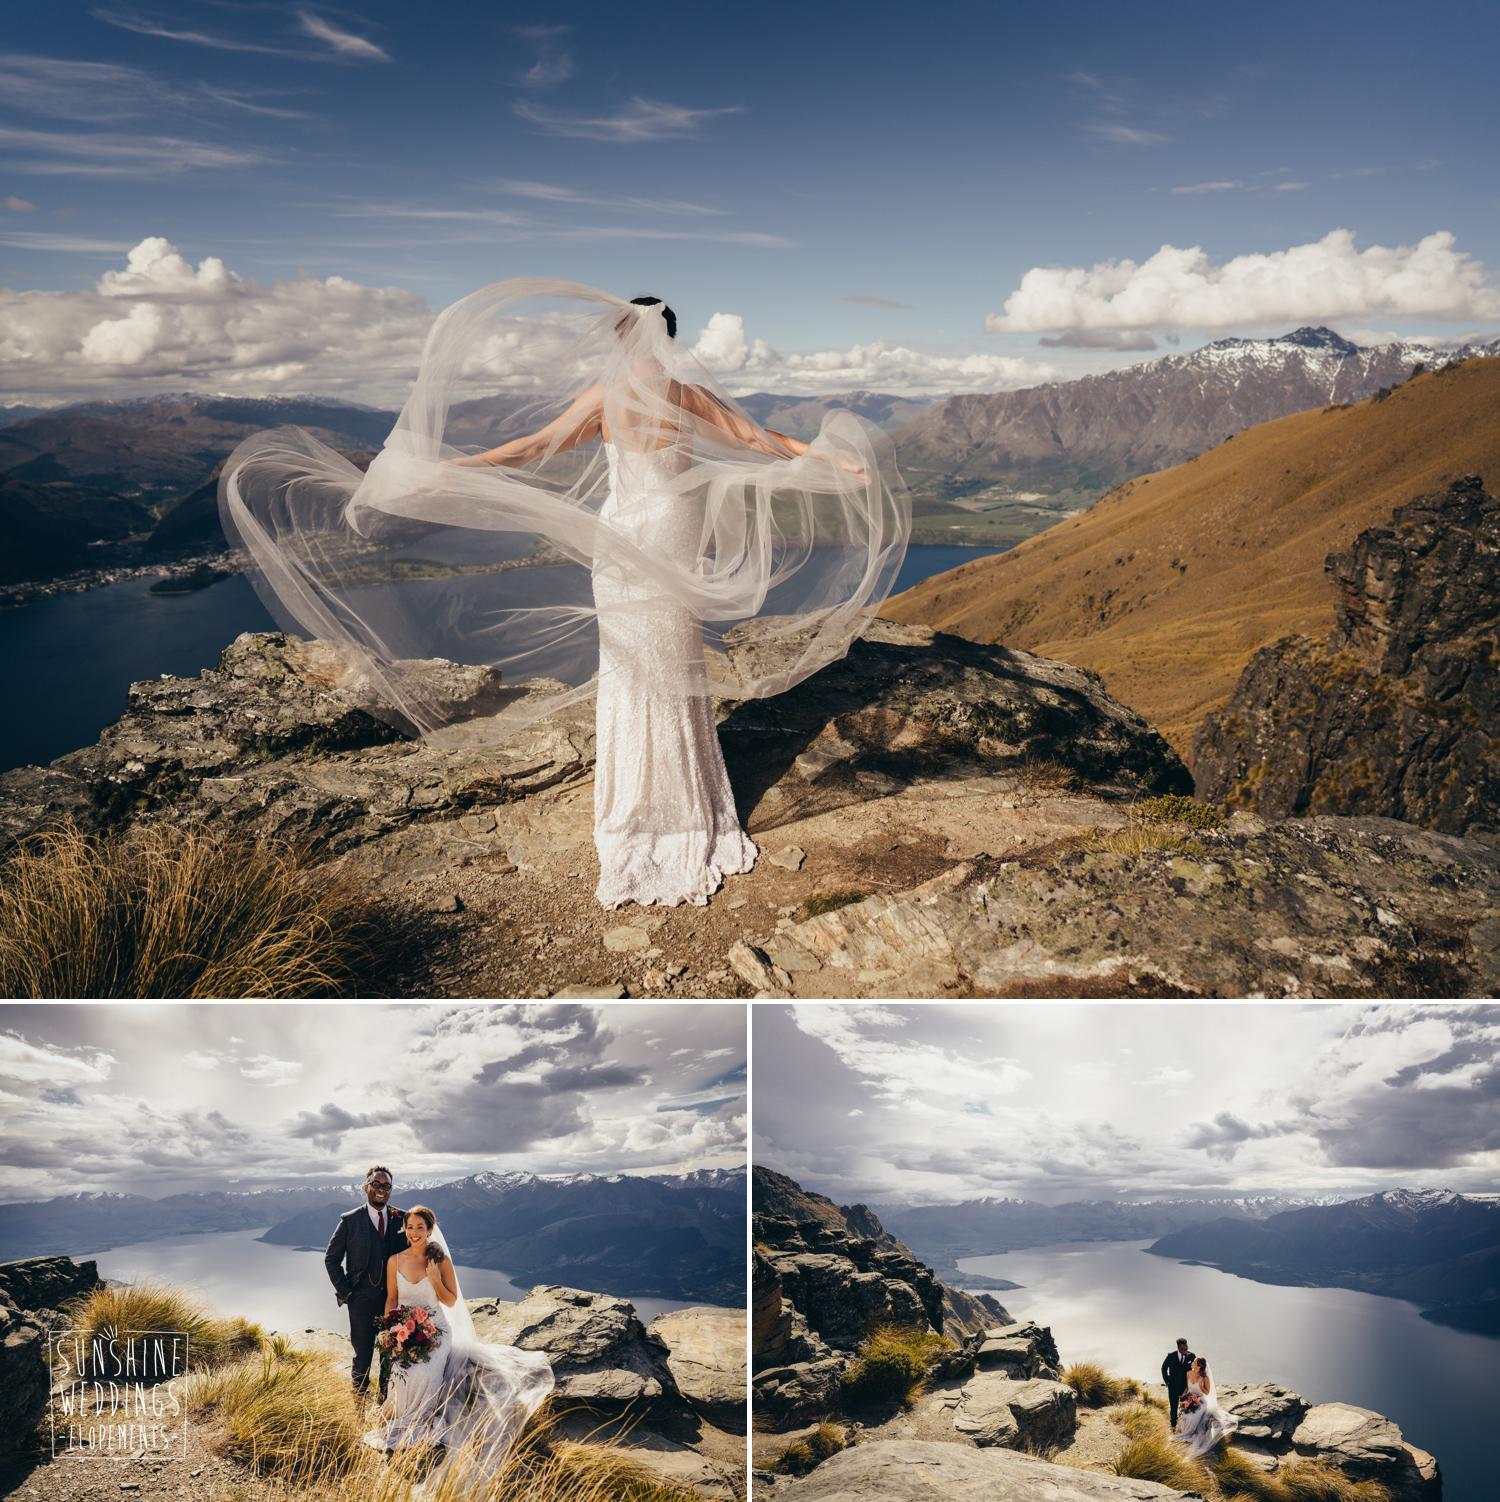 Mountain wedding planner Sunshine Weddings